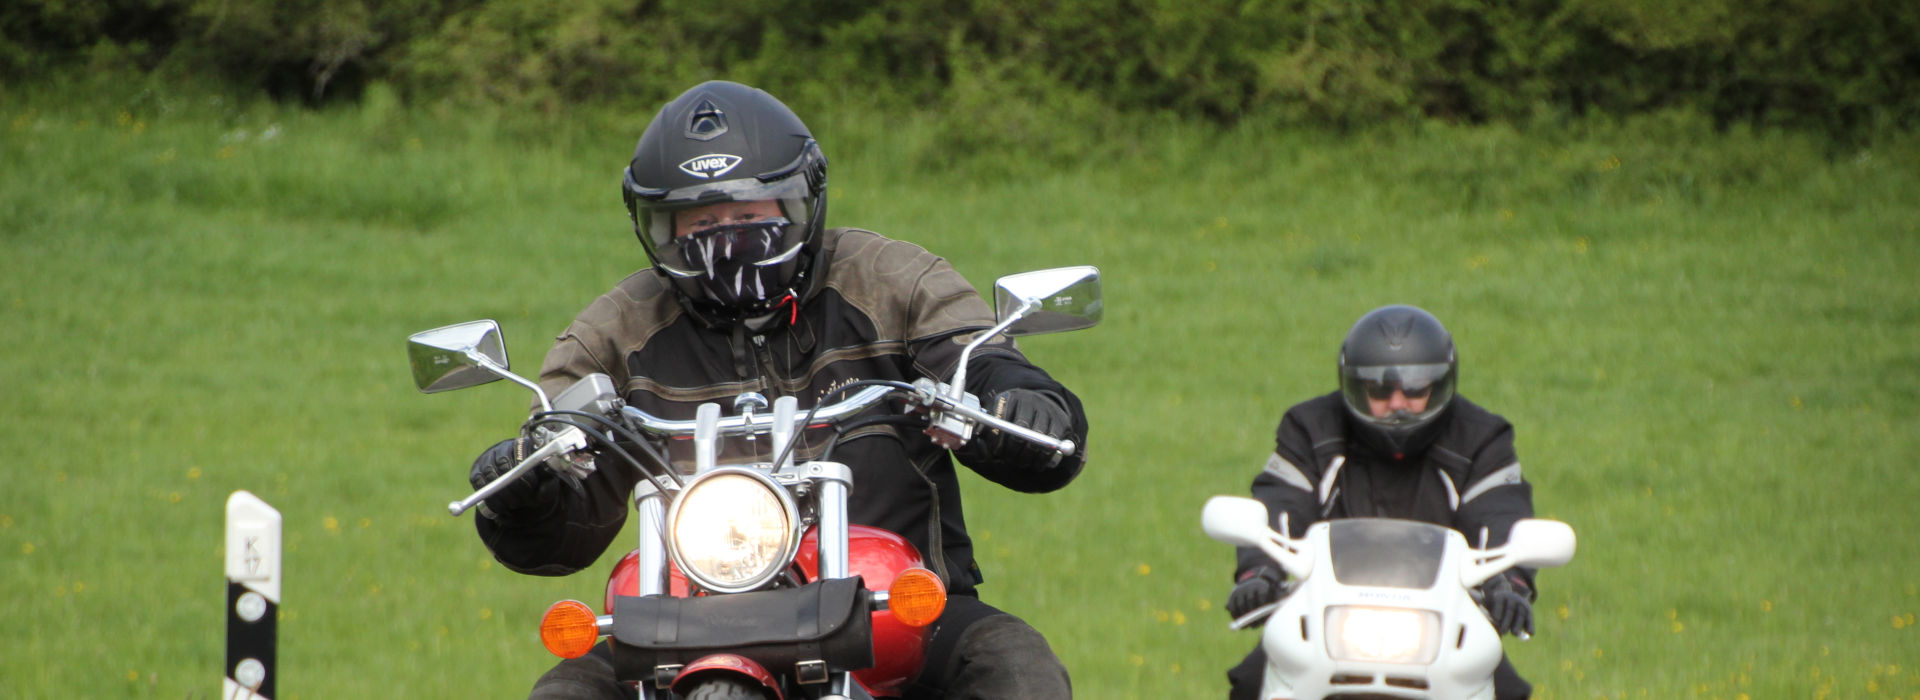 Motorrijschool Motorrijbewijspoint Oud Gastel motorrijlessen